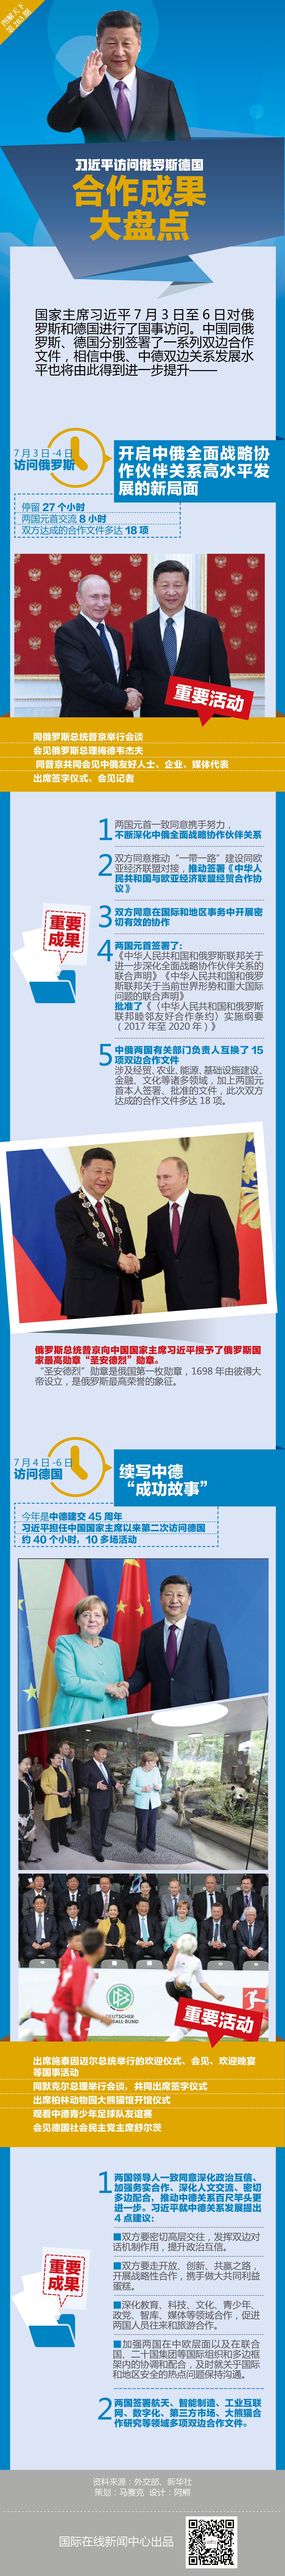 【图解】习近平访问俄罗斯德国 合作成果大盘点